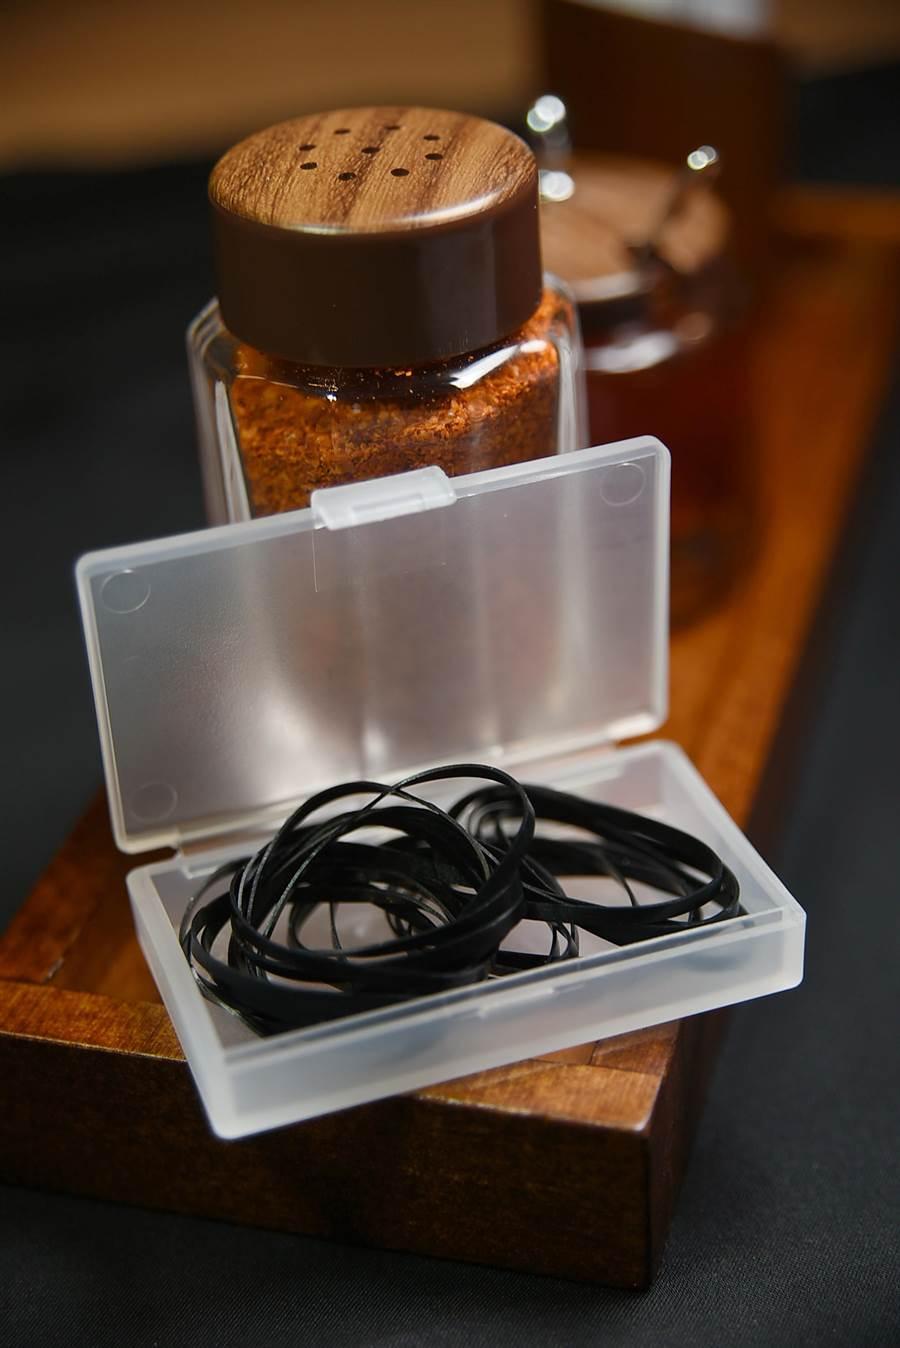 〈豚骨一燈〉的每張餐桌上都備有橡皮筋,長髮女性客人吃麵時可以將頭髮暫時綁起來,是一「小貼心服務」。(圖/姚舜攝)